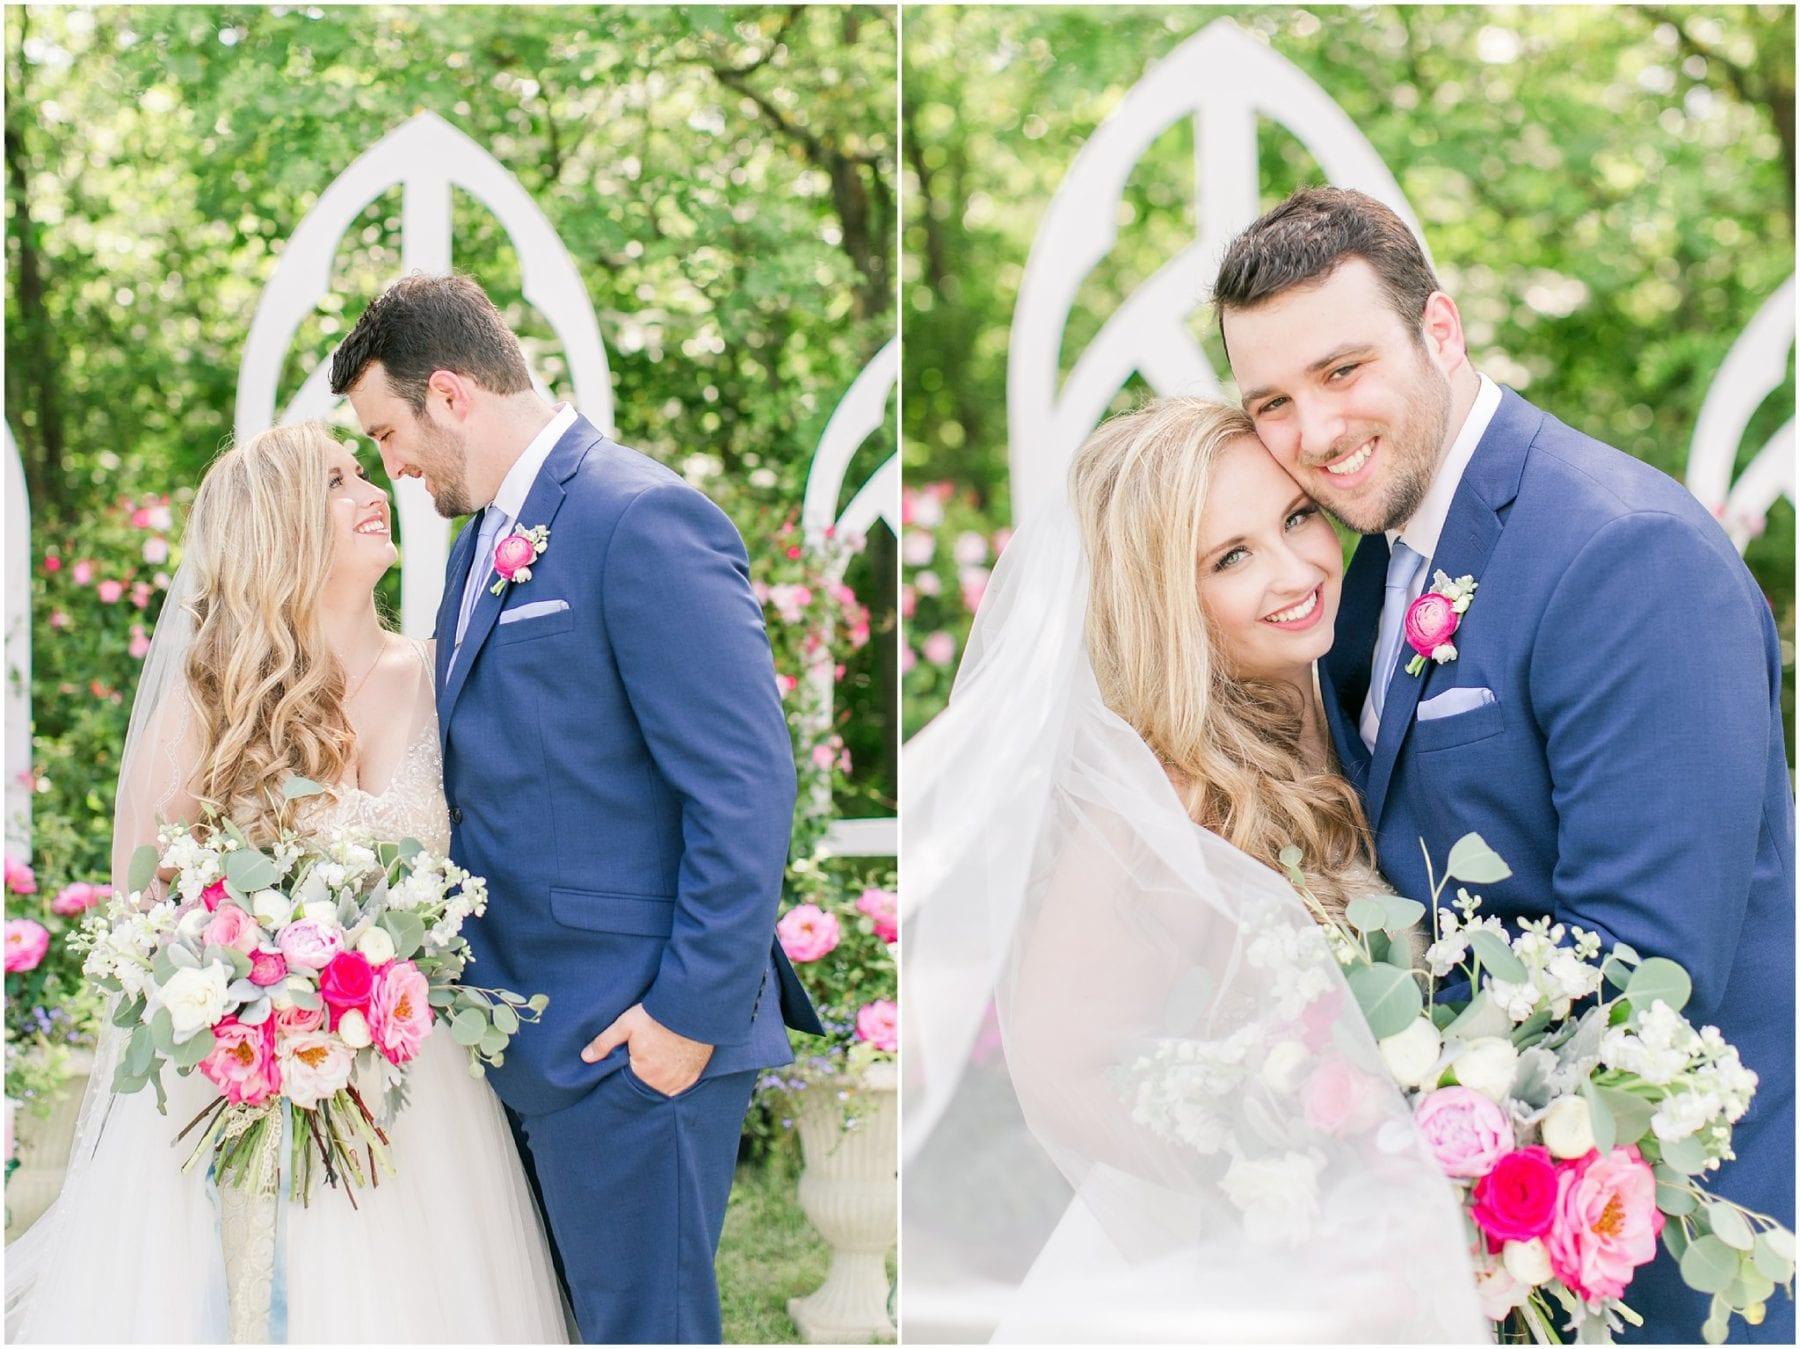 Maryland Backyard Wedding Photos Kelly & Zach Megan Kelsey Photography-105.jpg